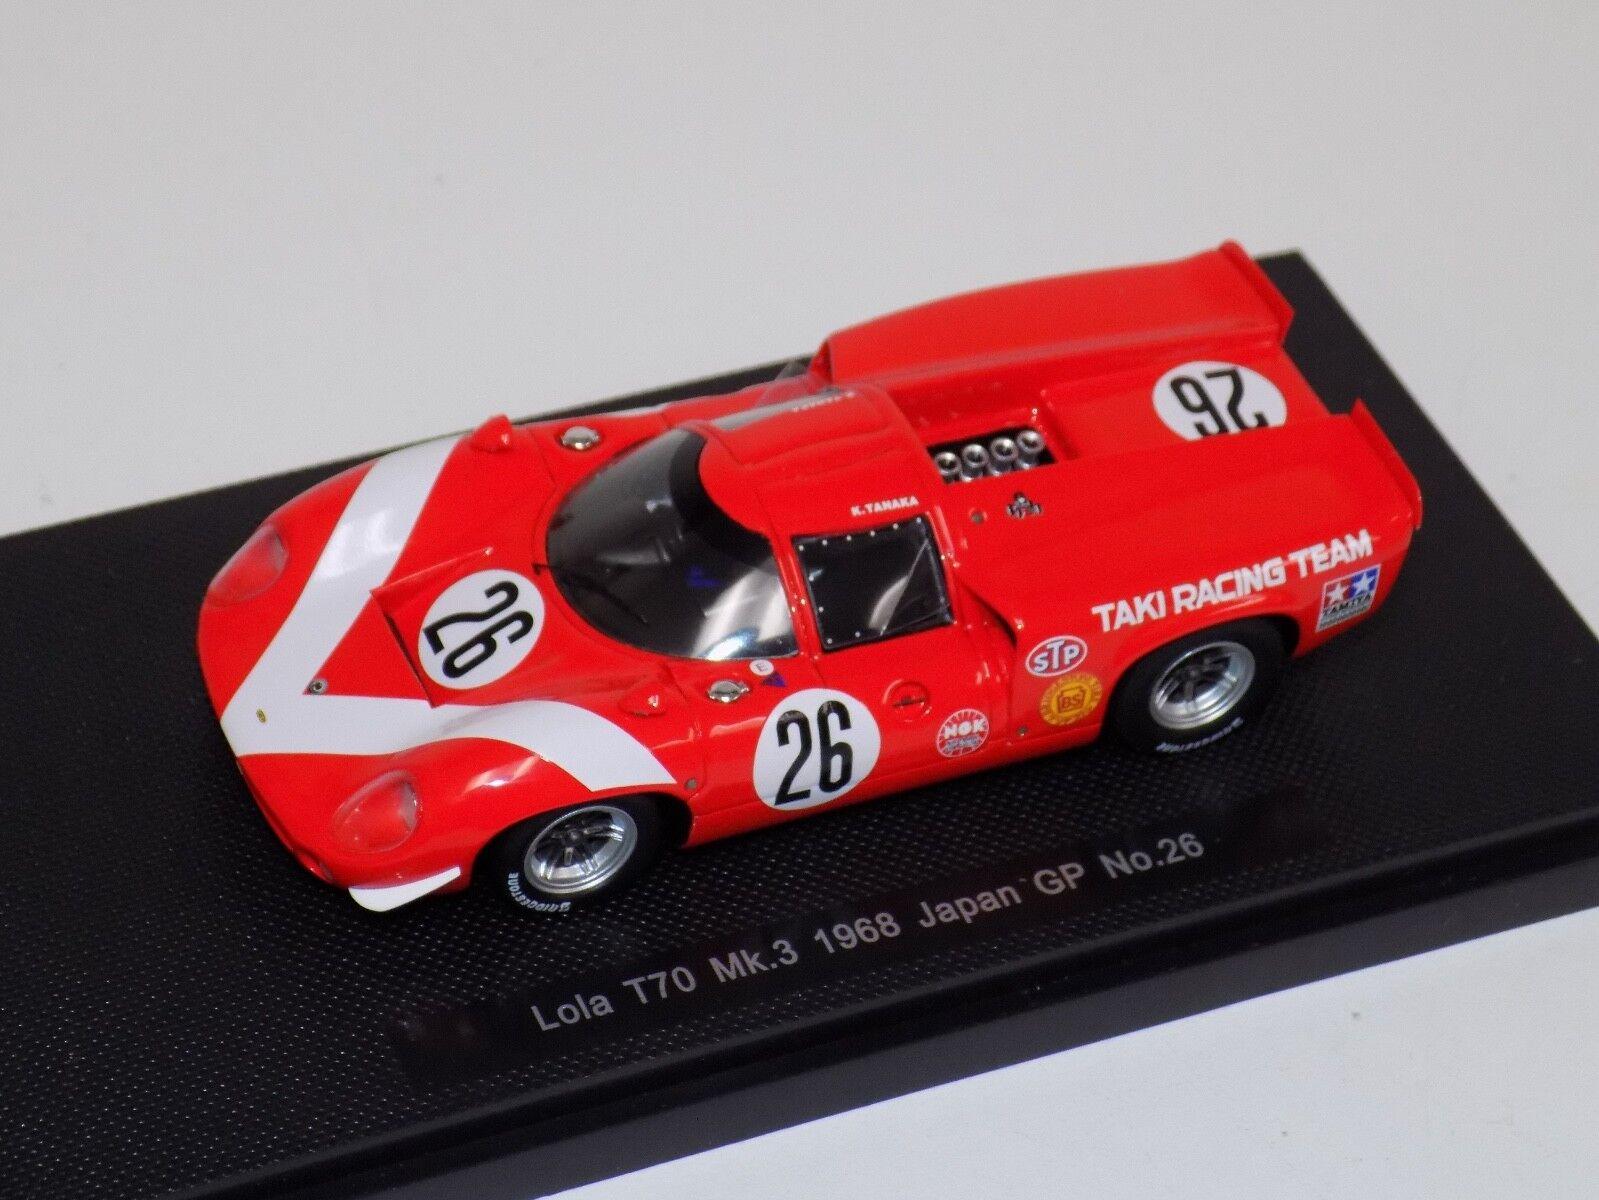 cómodamente 1 43 Ebbro Lola T70 T70 T70 MK3 Japón GP 1968 coche  26  44245  100% autentico